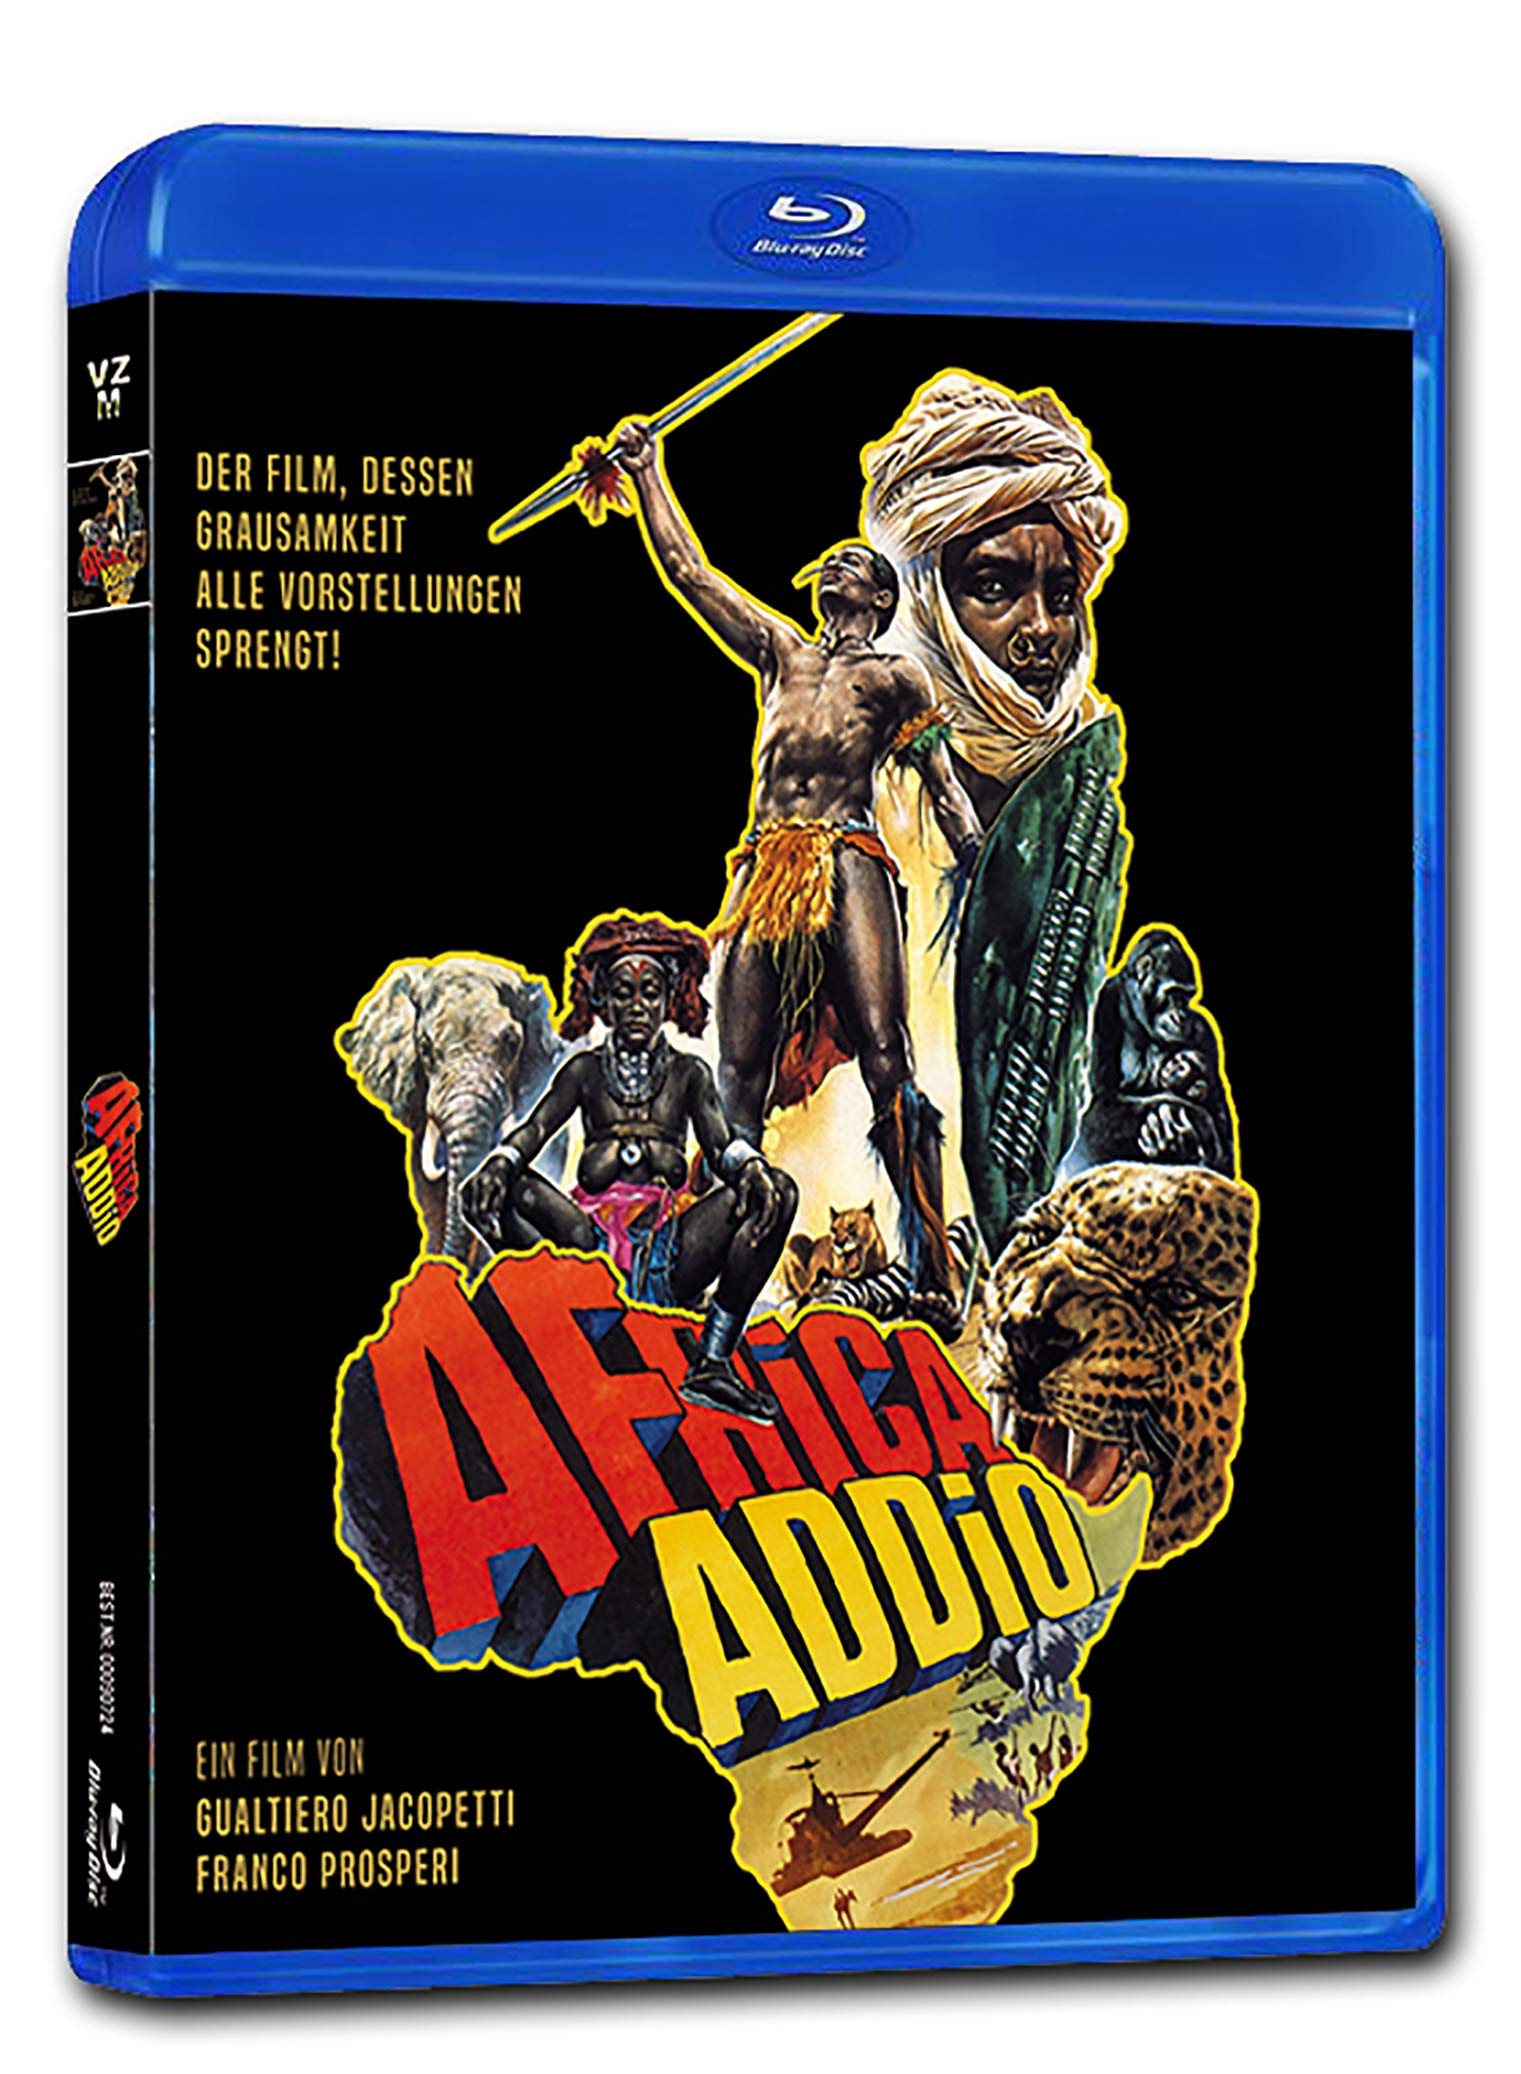 Africa.addio.German.1966.DL.720p.BluRay.x264-AMBASSADOR